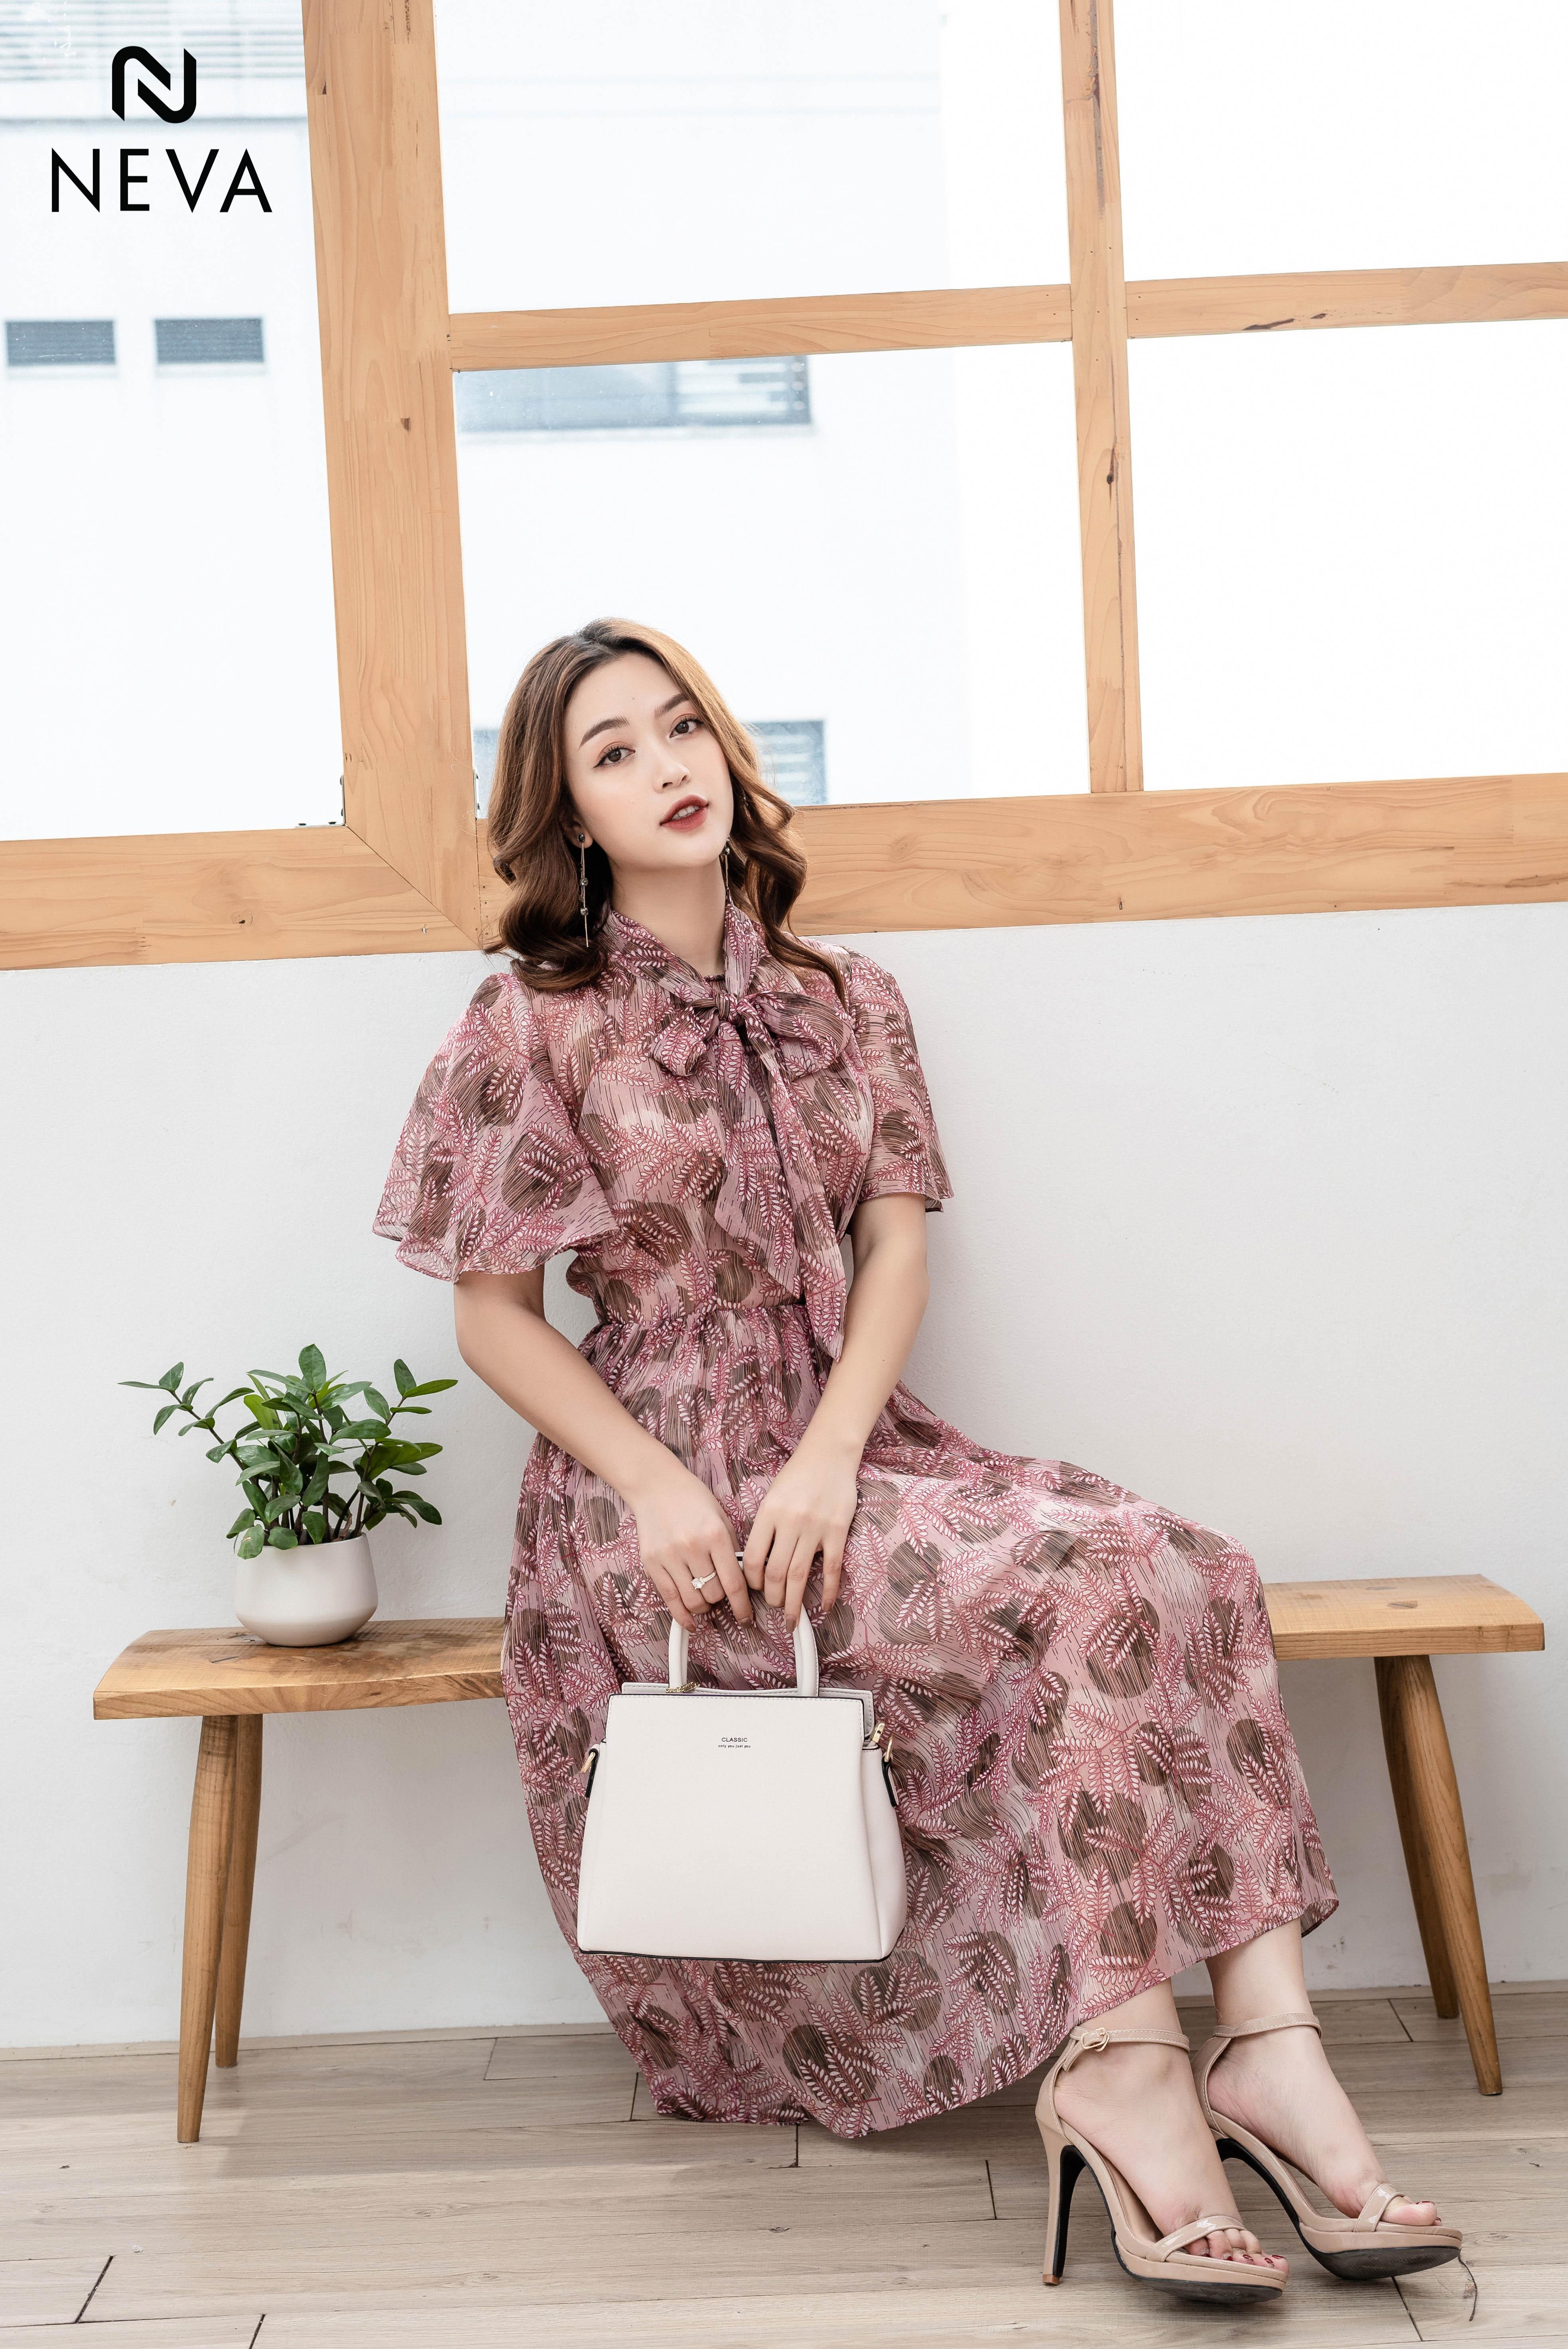 Thời trang nữ: Những mẫu váy hoa đẹp 2019 đang được yêu thích nhất Mau-vay-hoa-dep-2019%20(1)